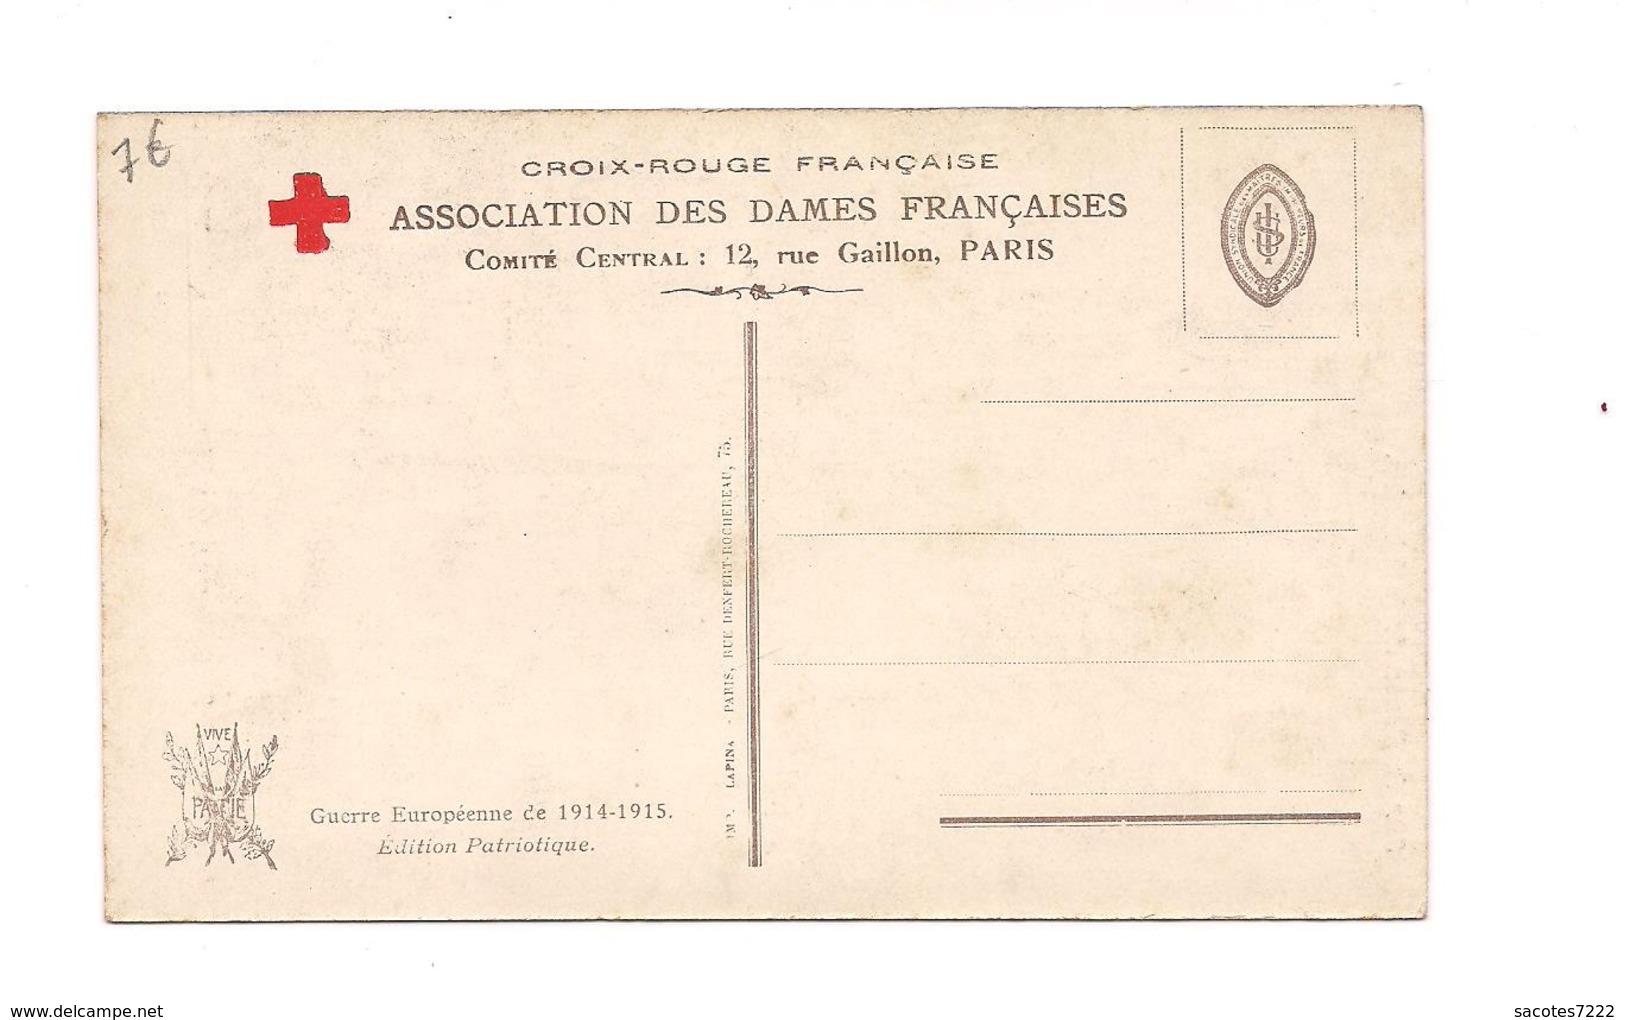 GUERRE EUROPEENNE 1914 - CROIX ROUGE FRANCAISE - Sur La Route De La Victoire -  (Pinx.S.Solomko ) - Croix-Rouge